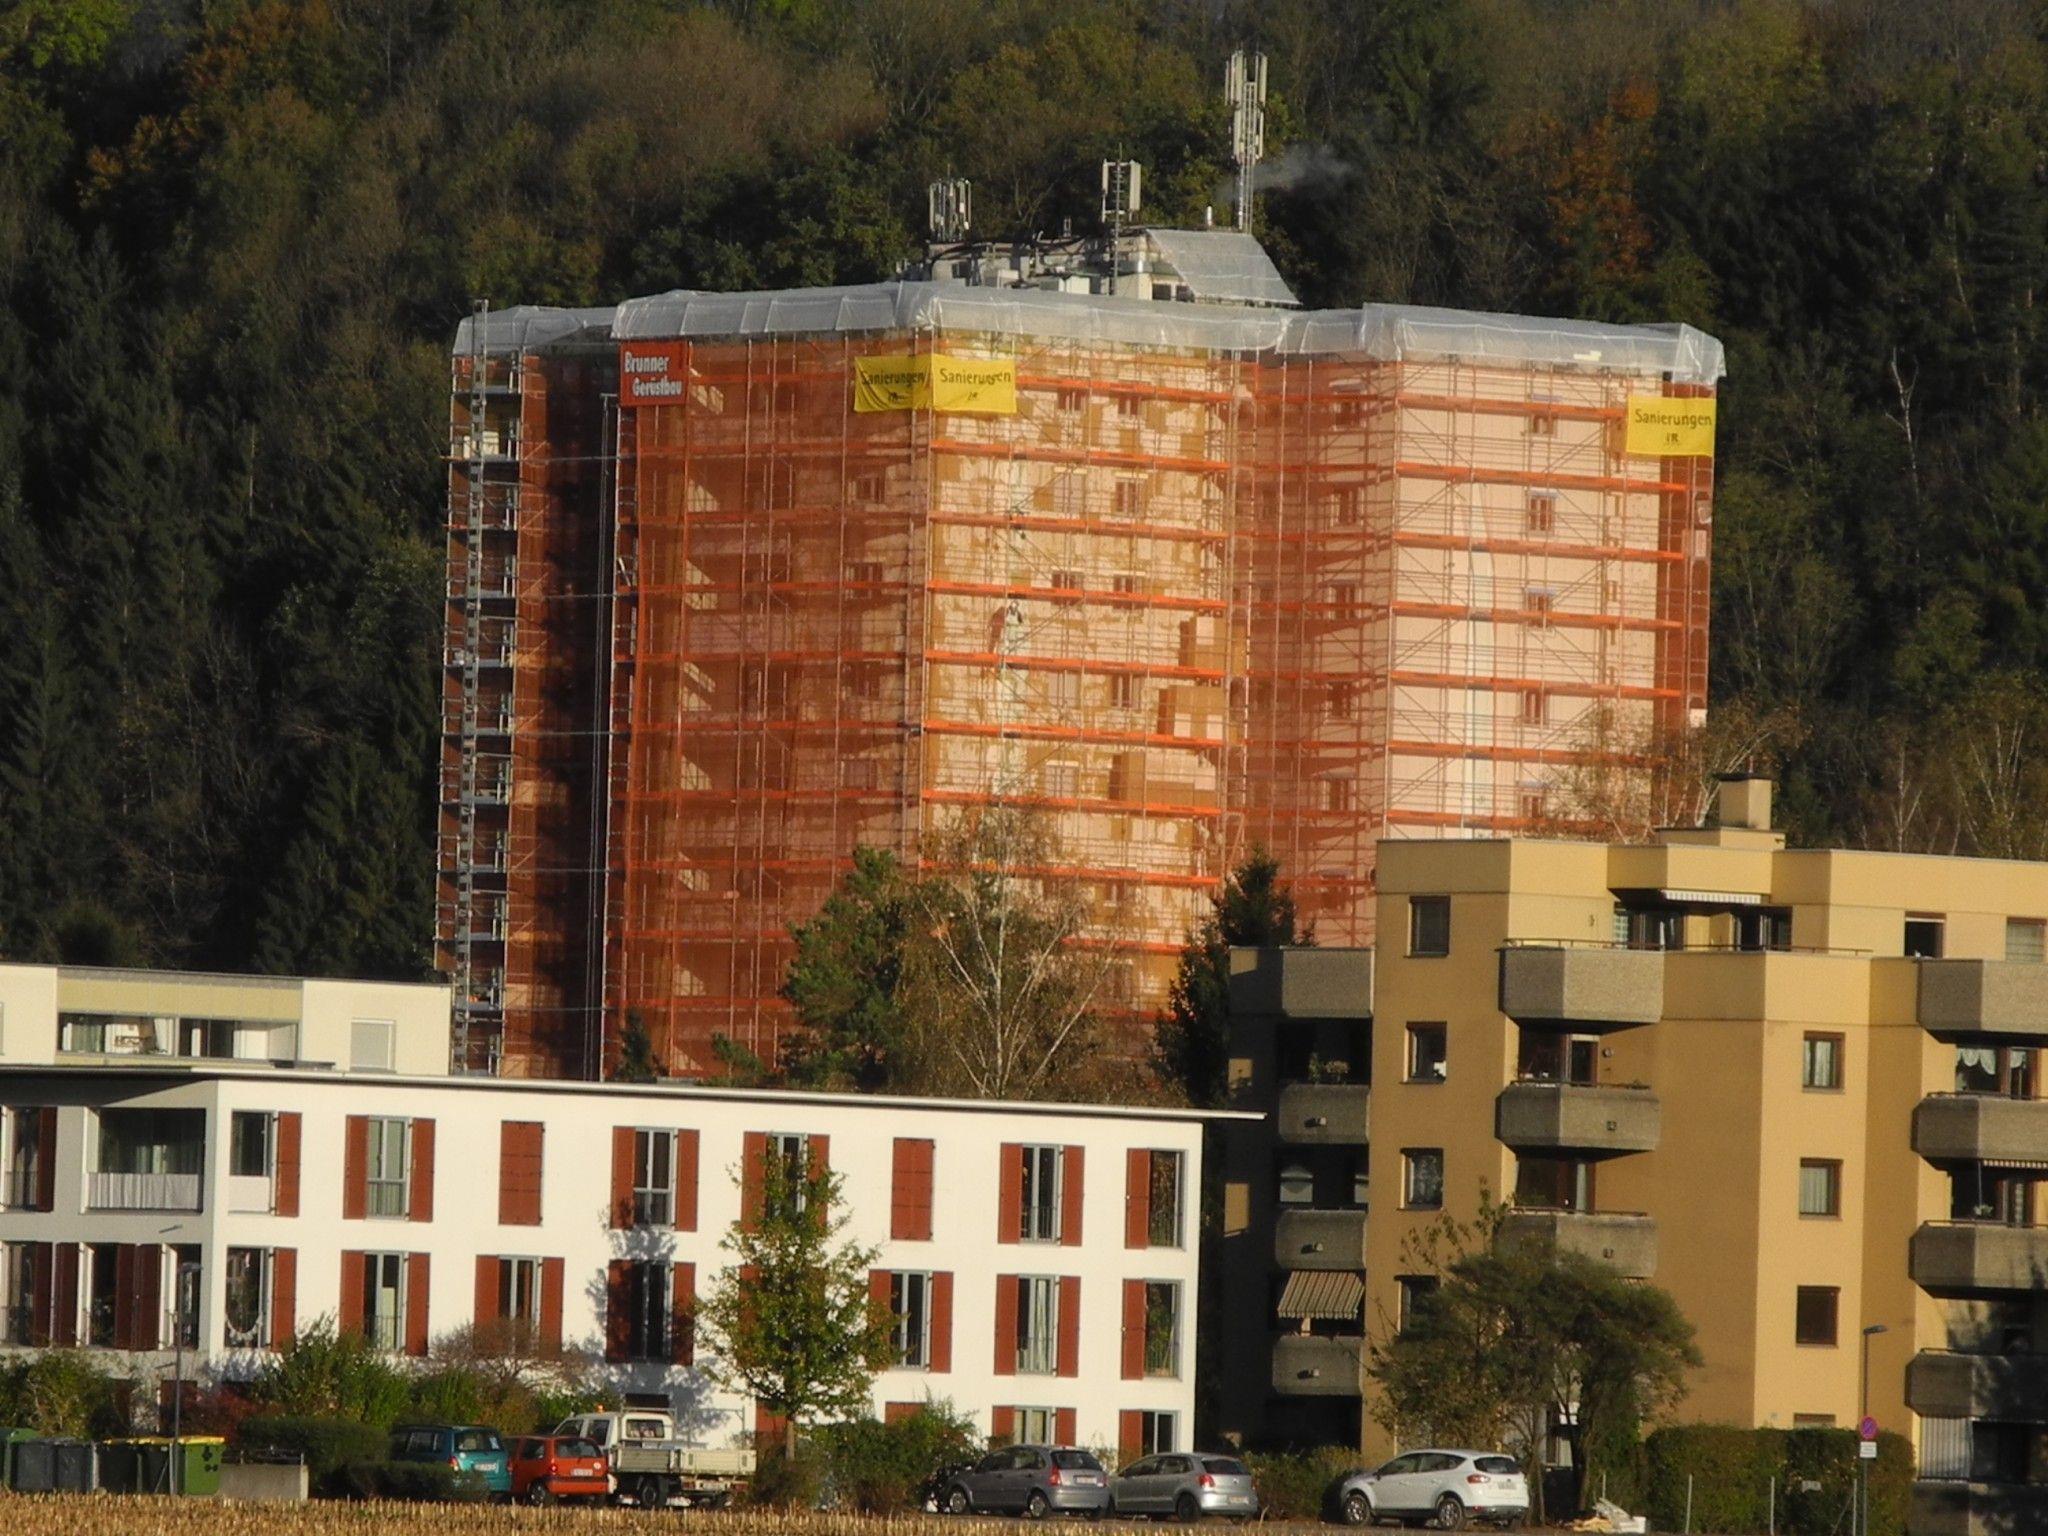 Der blassrote Turm von Tosters